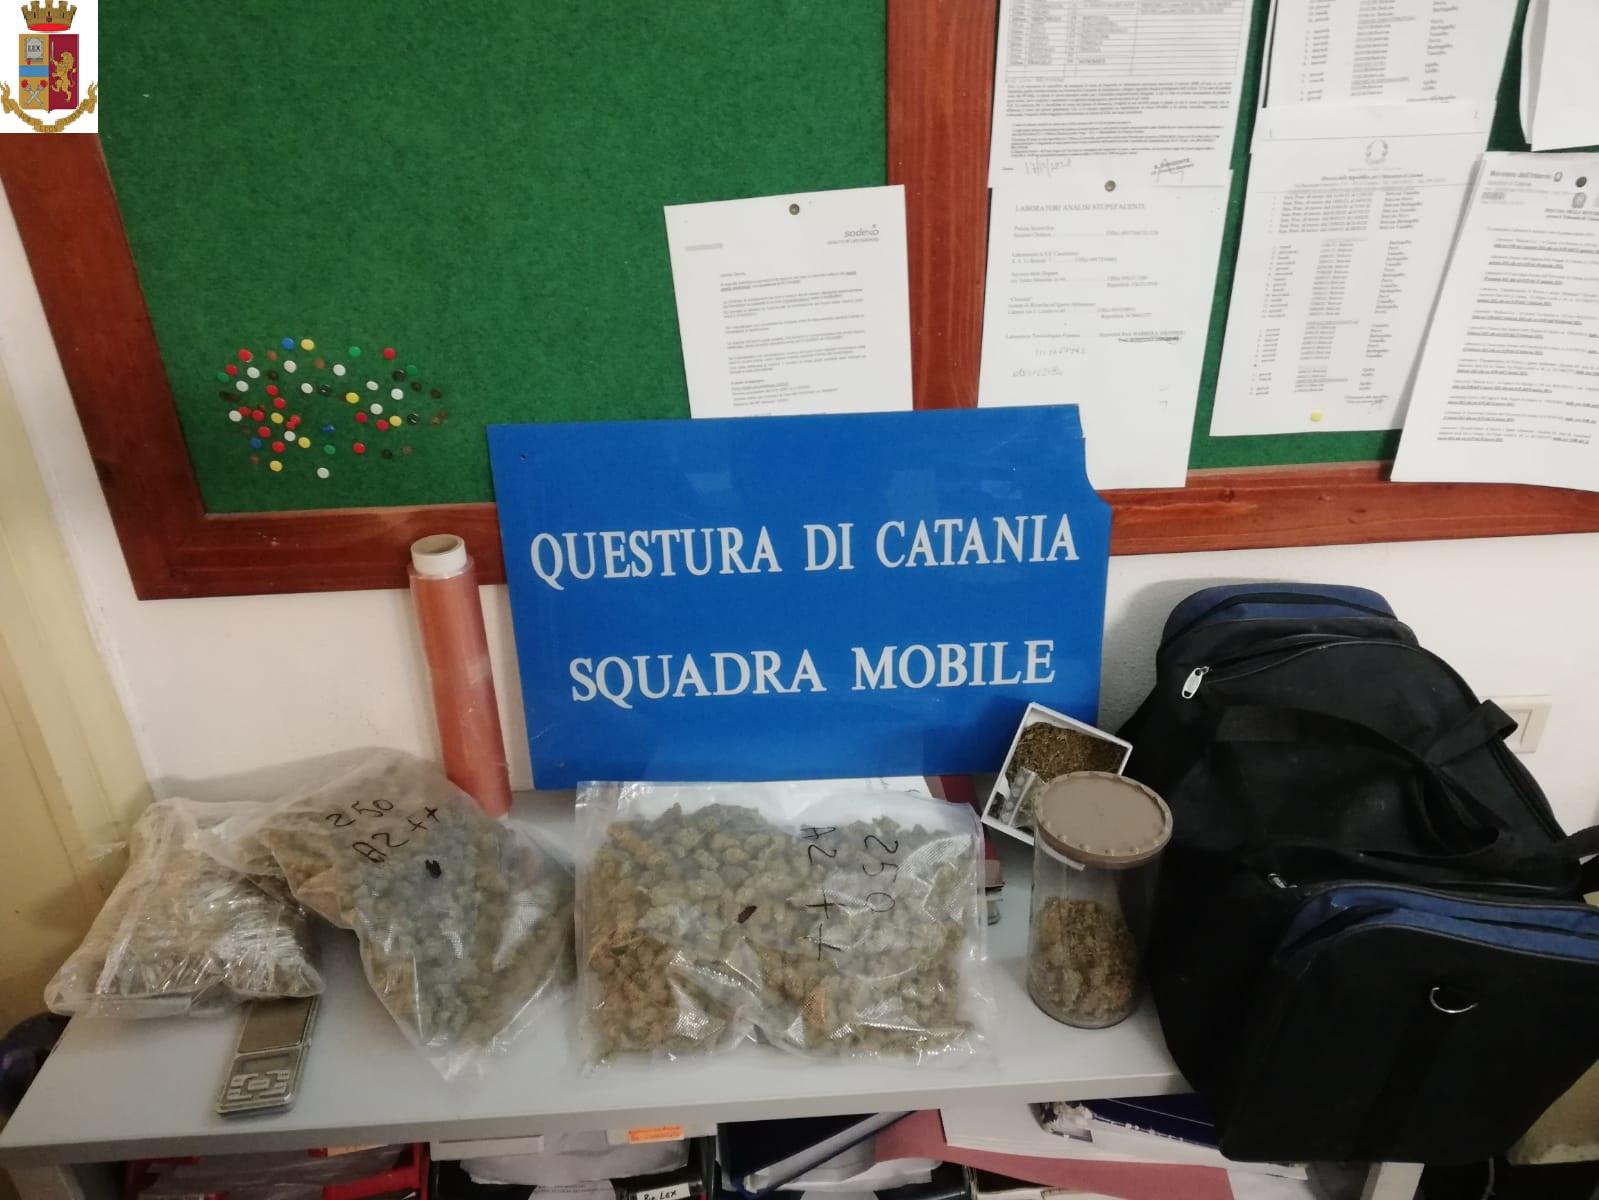 In lavatrice aveva nascosto un chilo di marijuana: arrestato a Catania